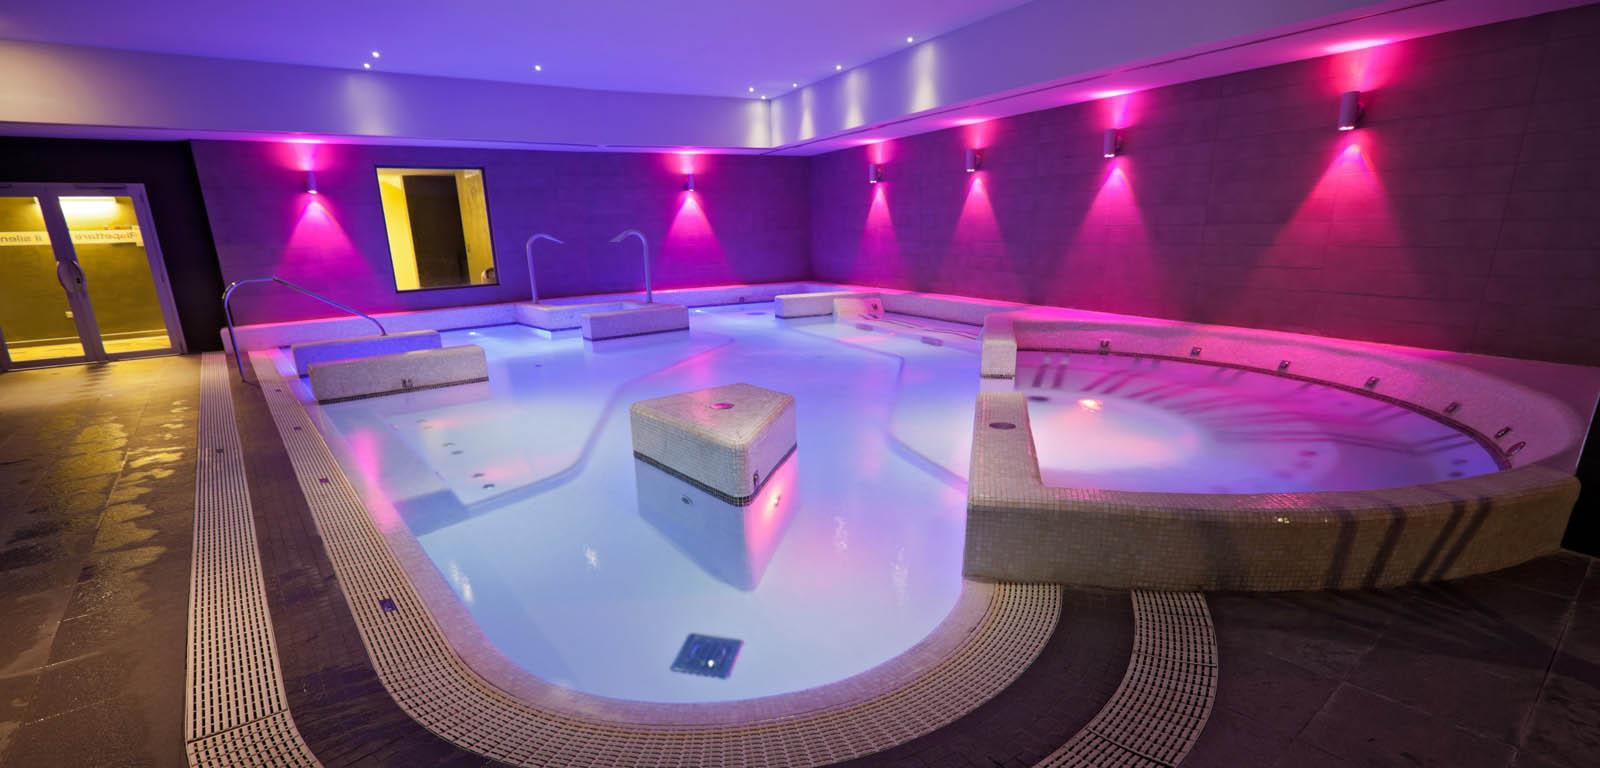 Piscine da interno sport e relax piscine castiglione - Luci per piscina ...